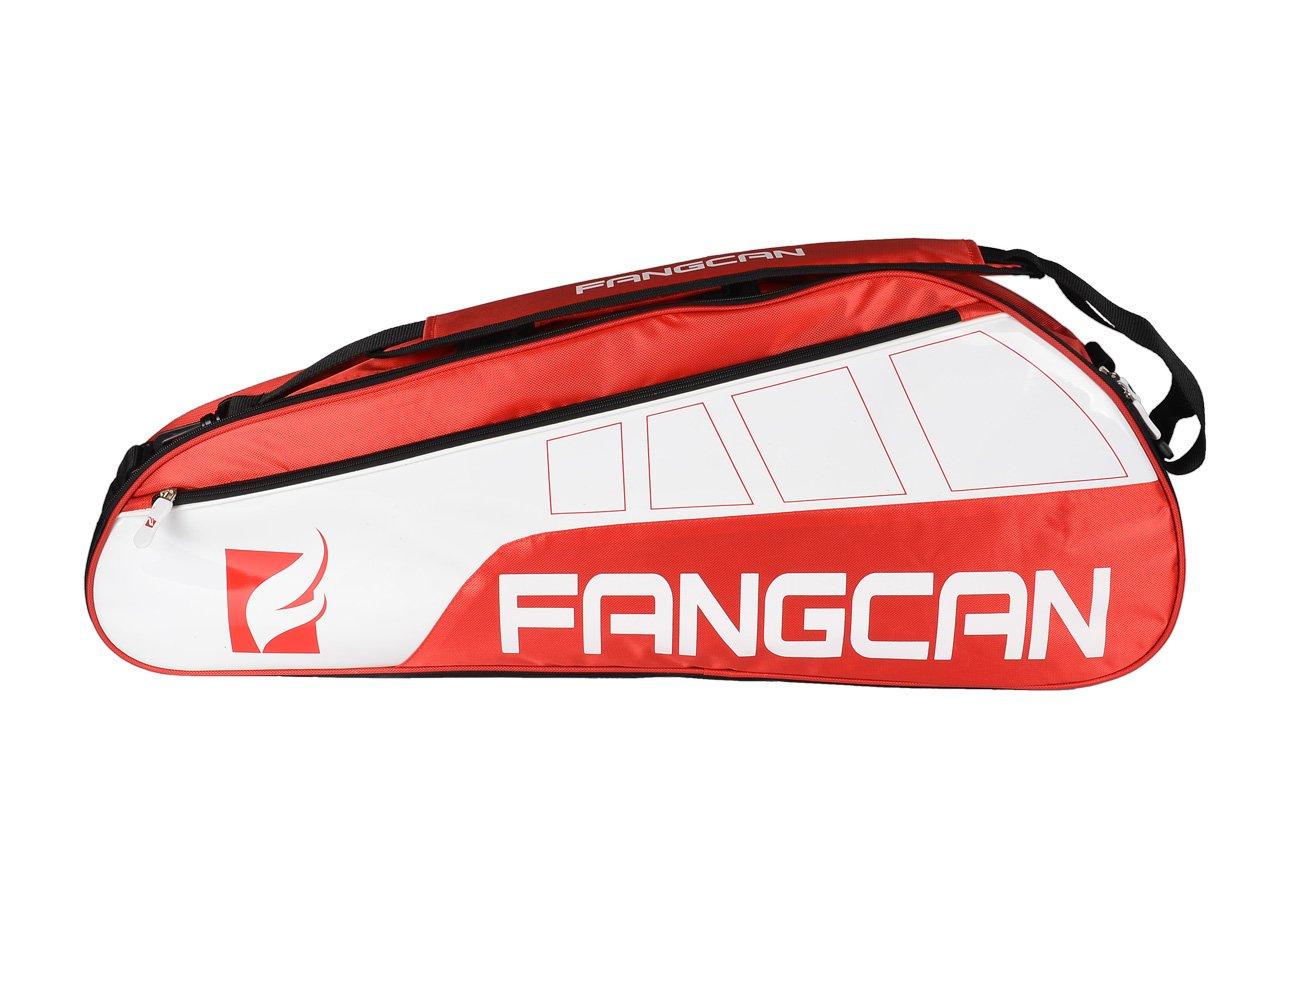 格安即決 Fangcanテニスバドミントンラケットバッグ レッド レッド B00F37WF80, サクシ:32aa86d7 --- arianechie.dominiotemporario.com